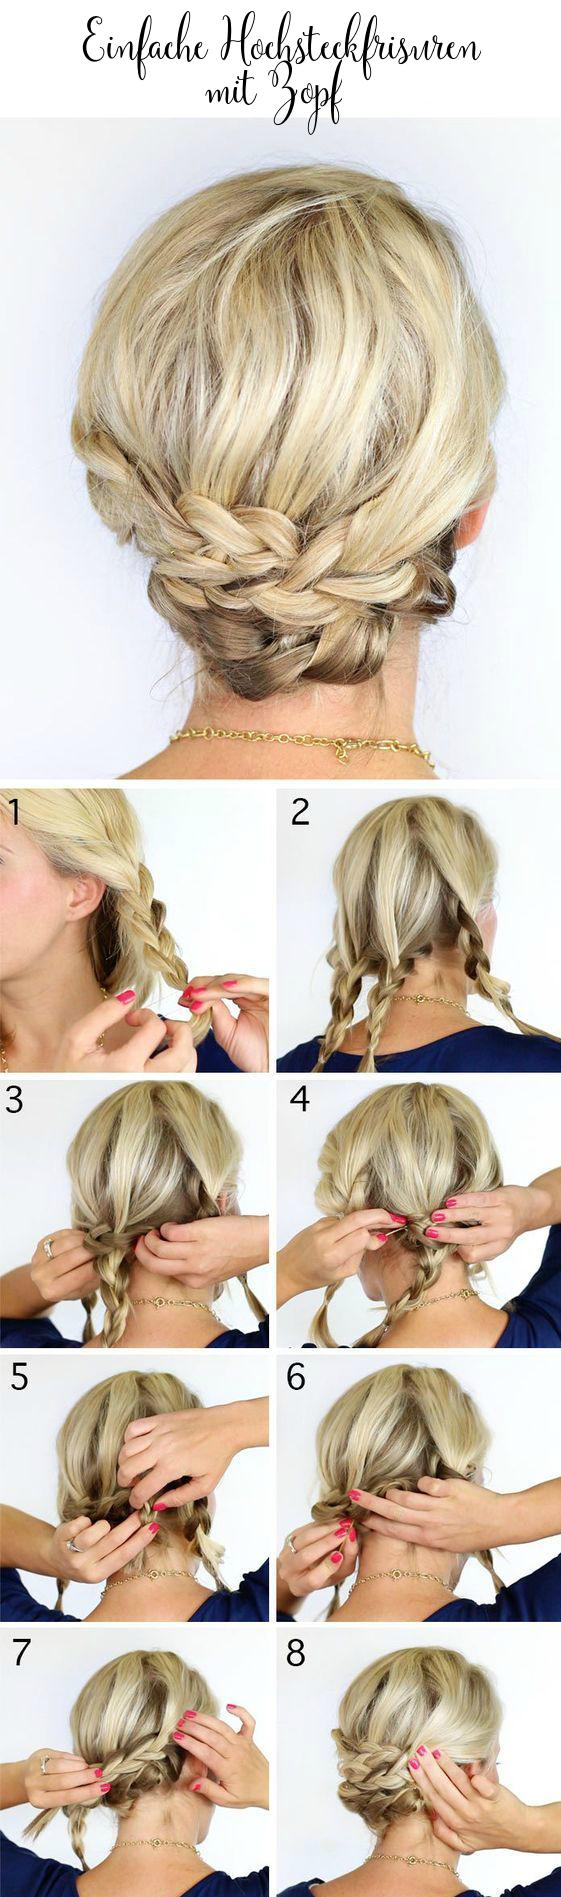 Schöne Frisuren mit Zöpfen zum Nachstylen